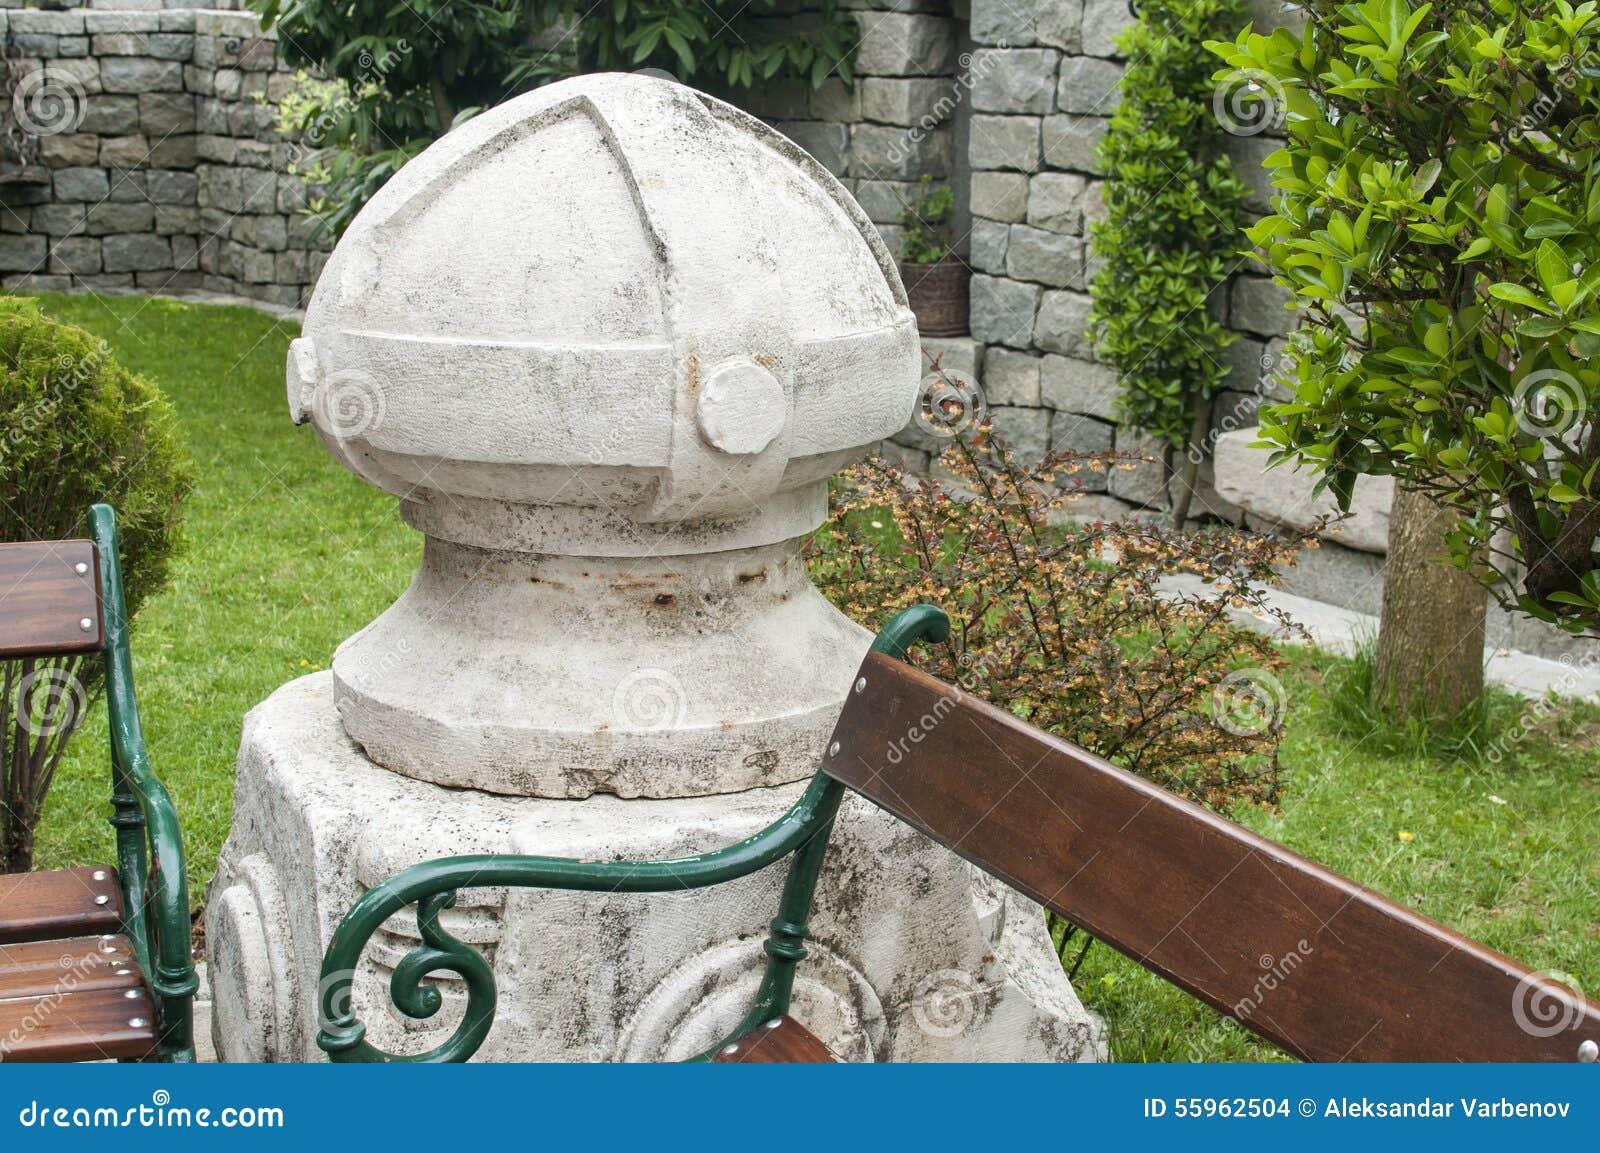 escada de pedra no jardim:Elemento De Pedra No Jardim Foto de Stock – Imagem: 55962504